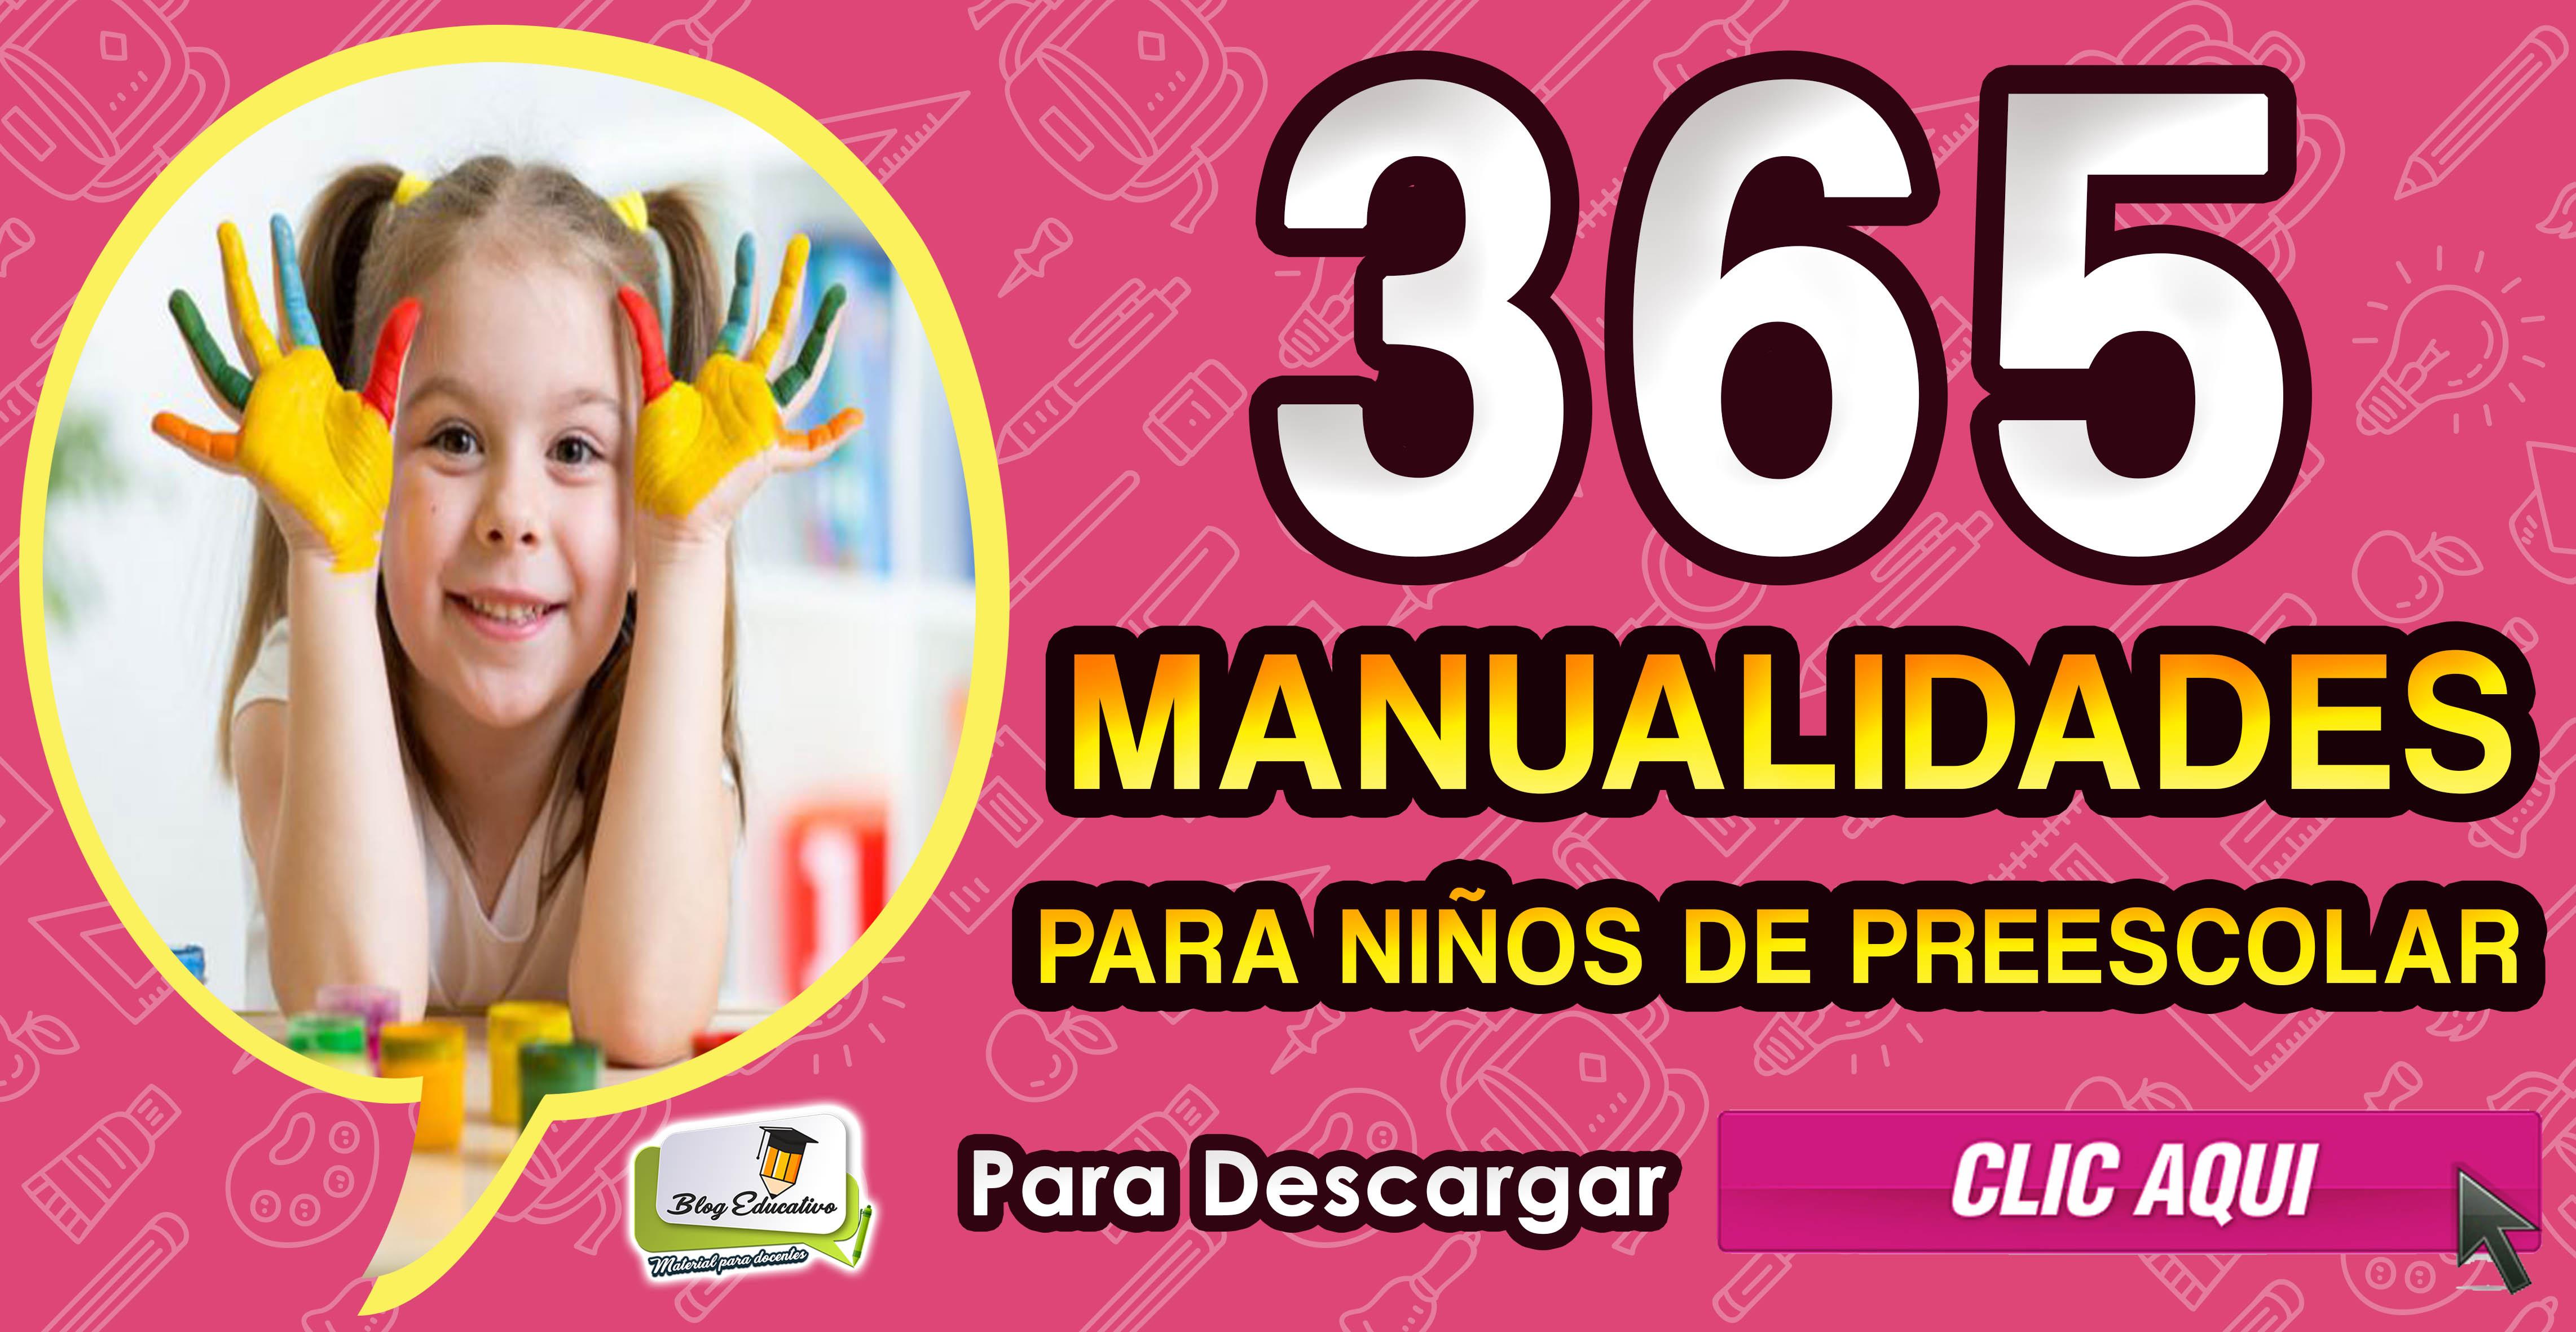 365 Manualidades Para Ninos De Preescolar Blog Educativo